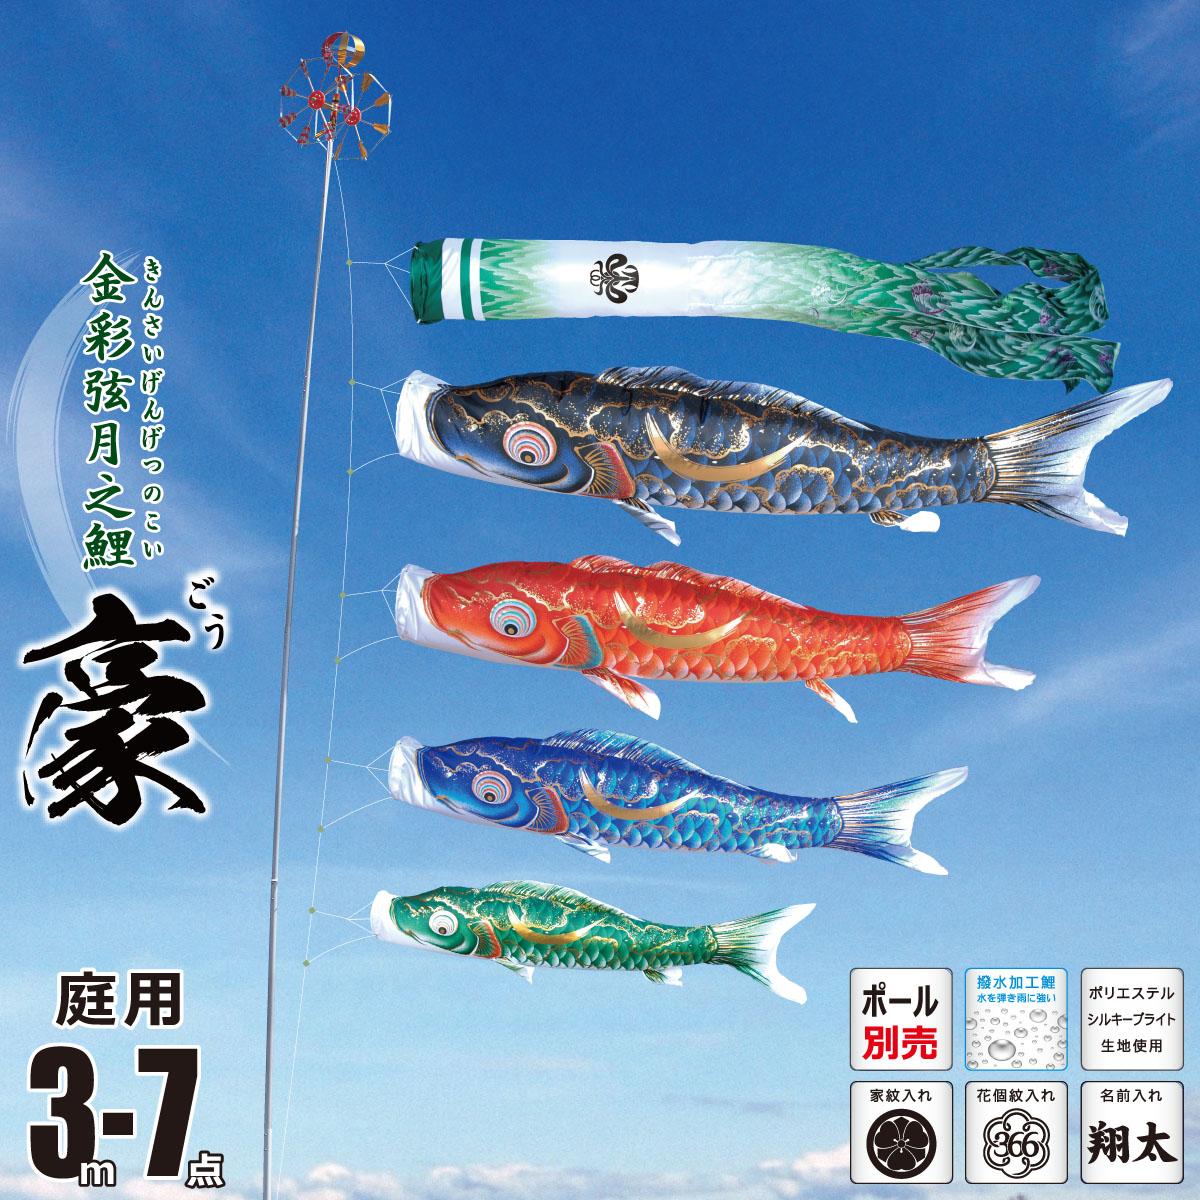 こいのぼり 3m 豪(ごう) 7点 (矢車、ロープ、吹流し、鯉4匹) 庭園用 (ポール別売り) 徳永鯉のぼり KIT-001-819